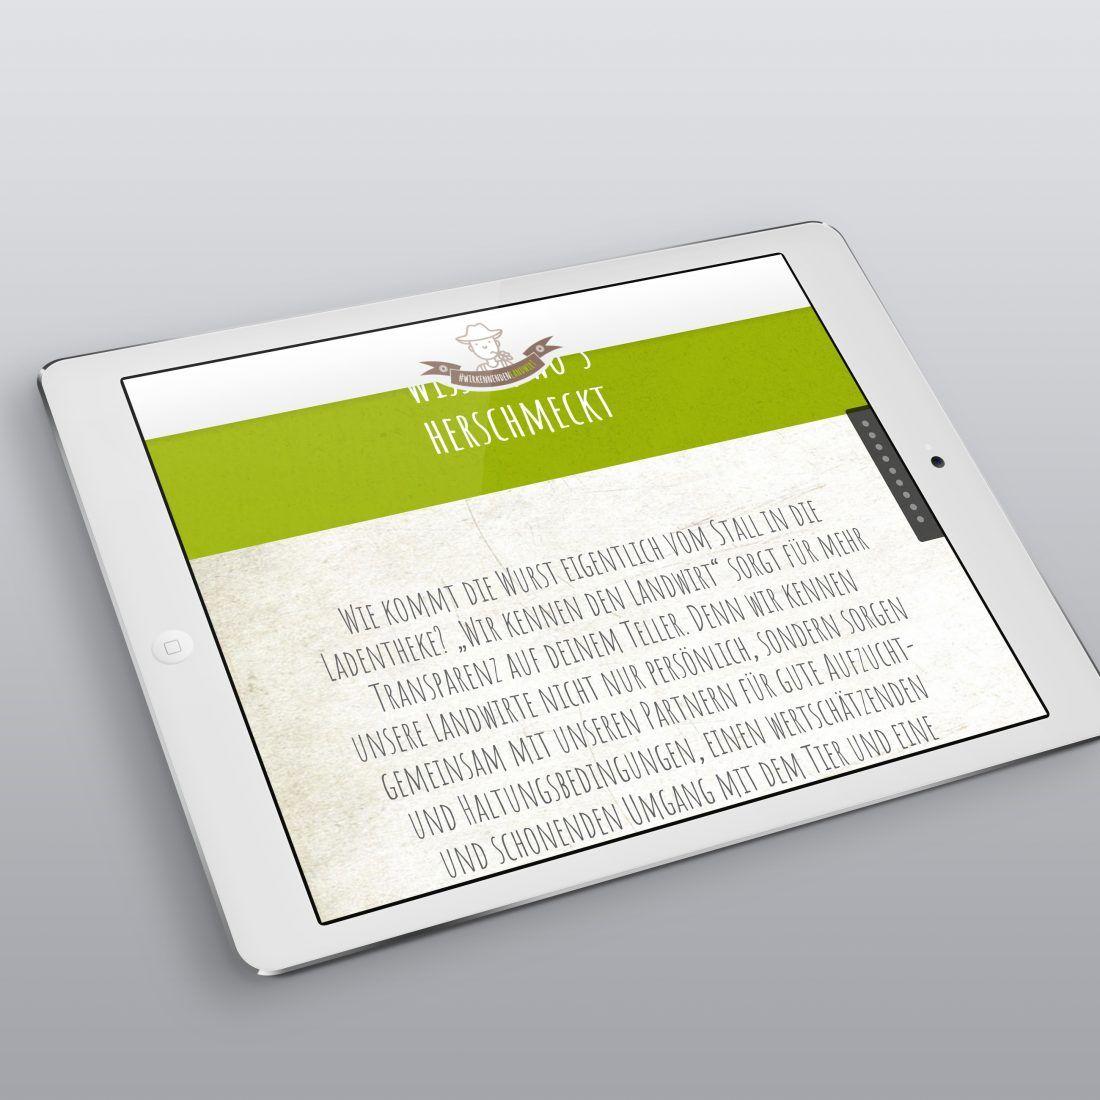 wkdl_iPad_5_v1